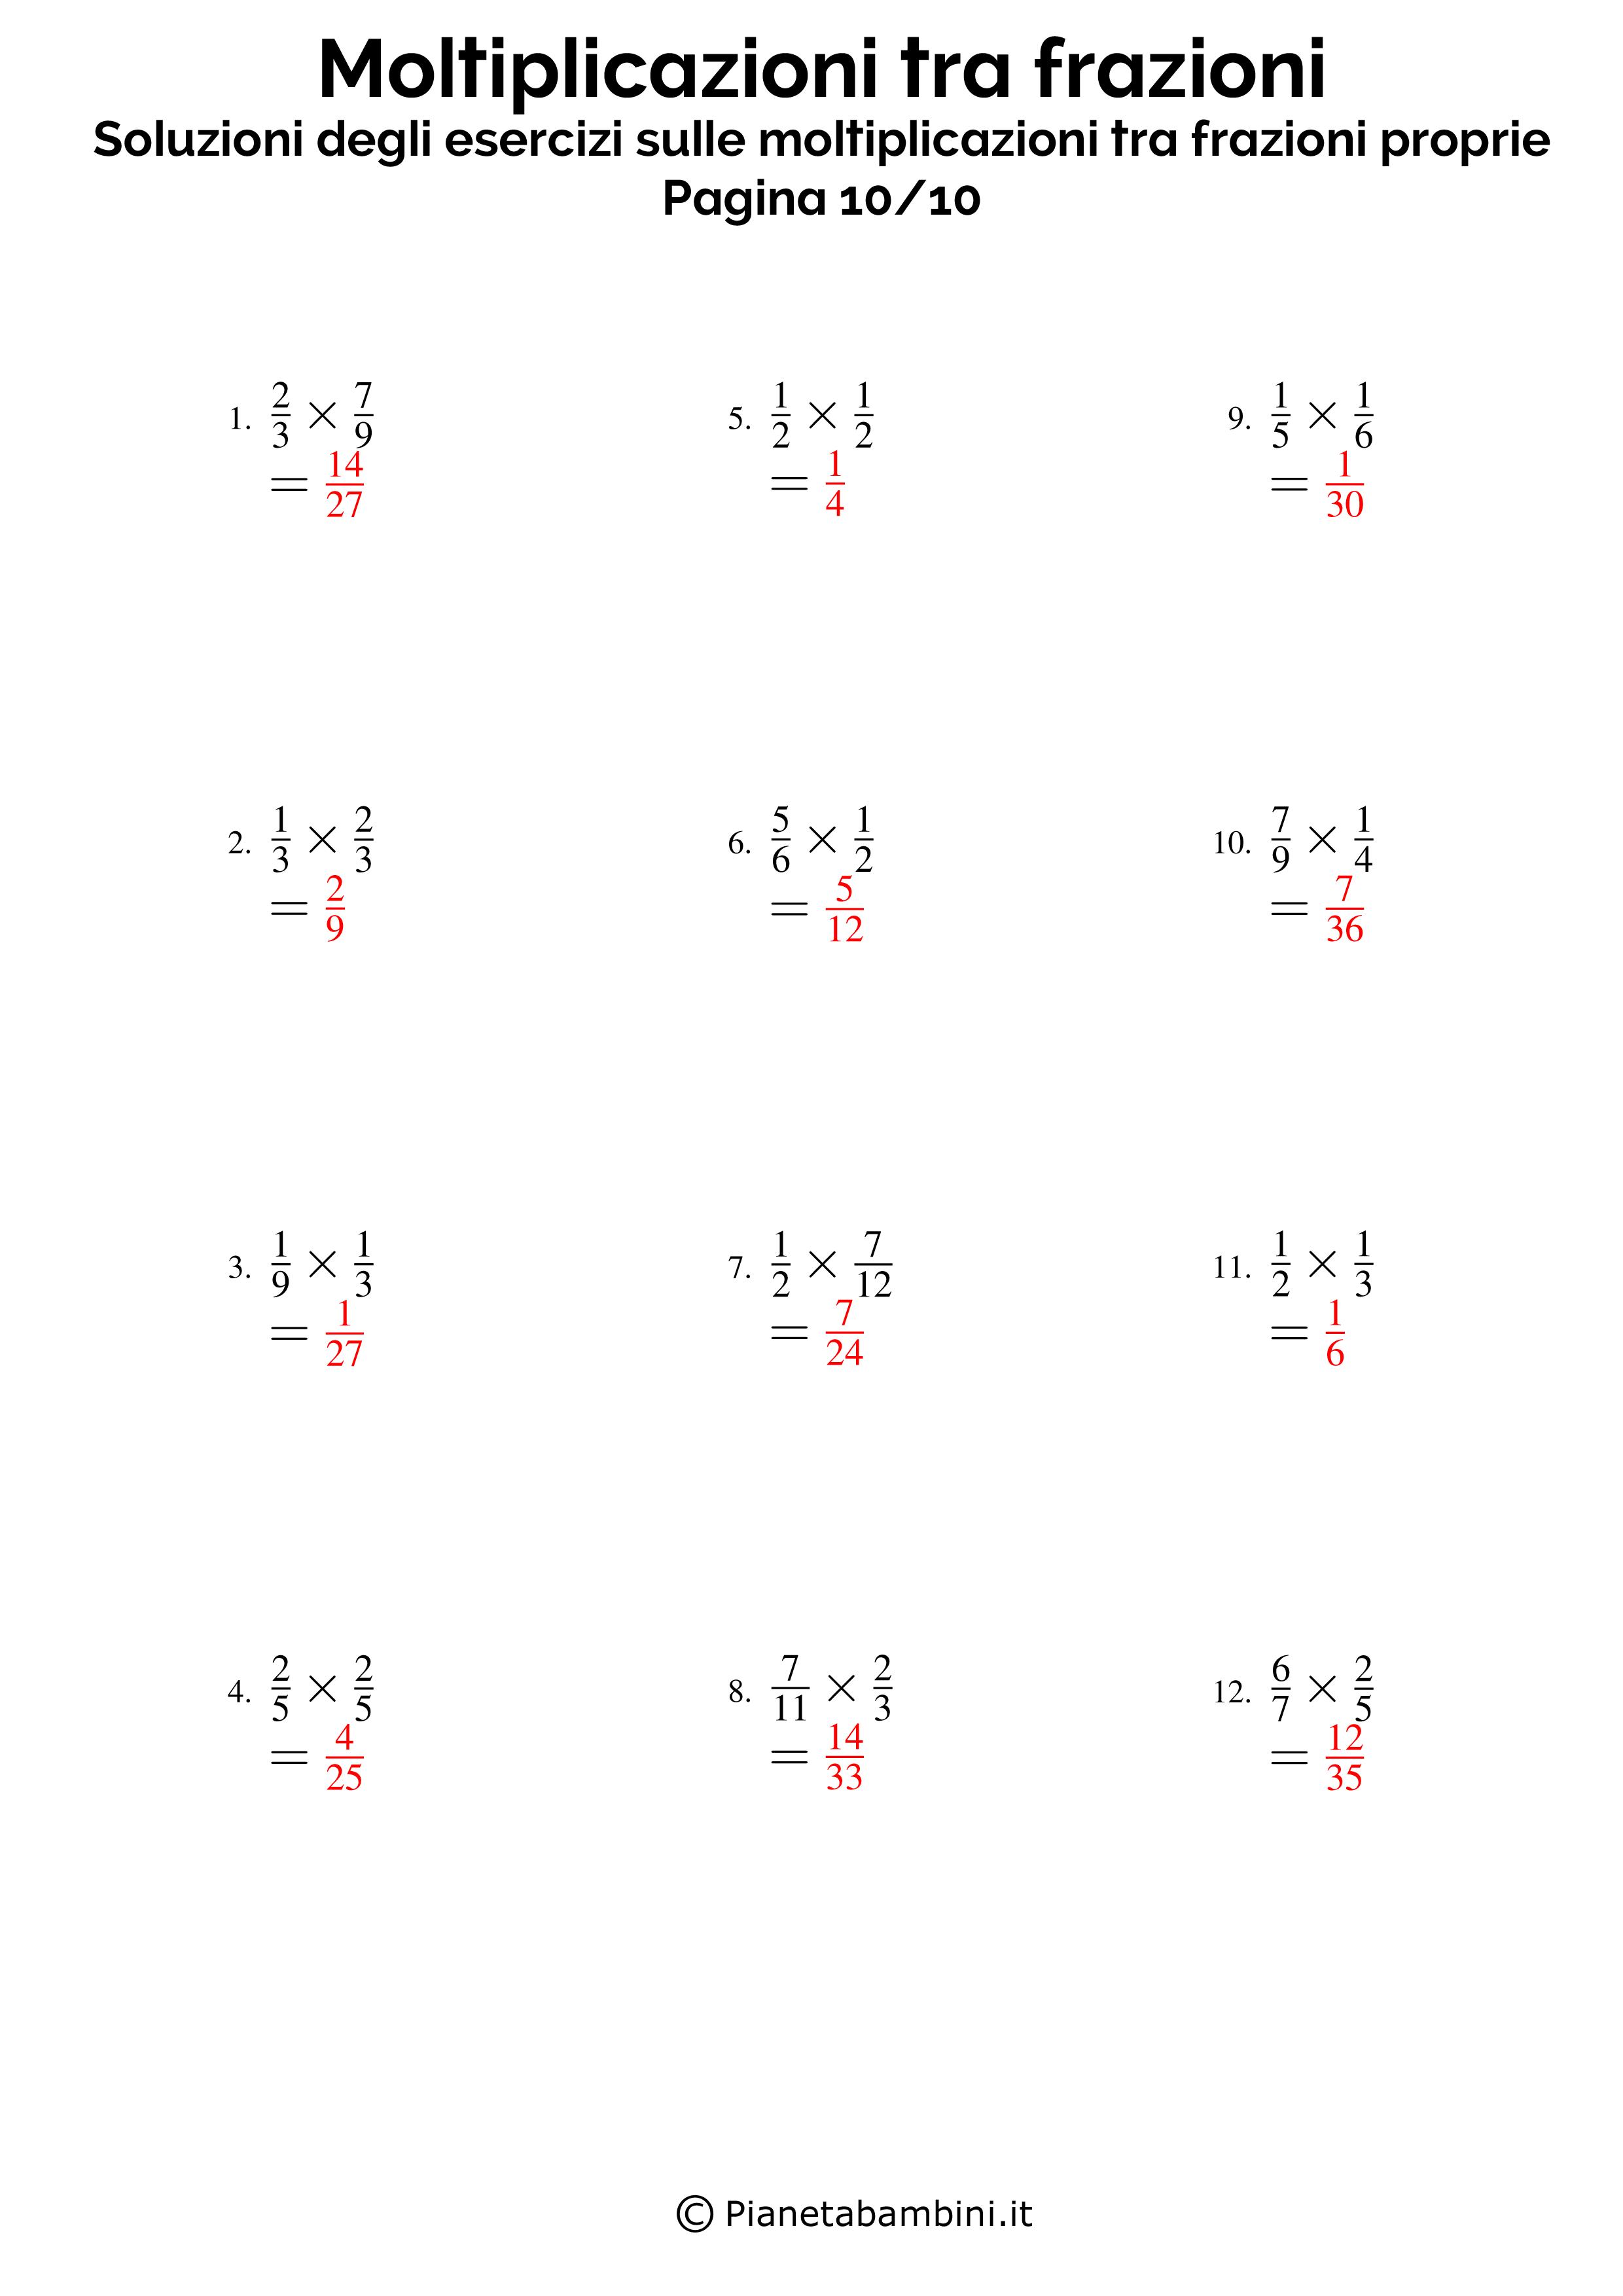 Soluzioni-Moltiplicazioni-Frazioni-Proprie_10